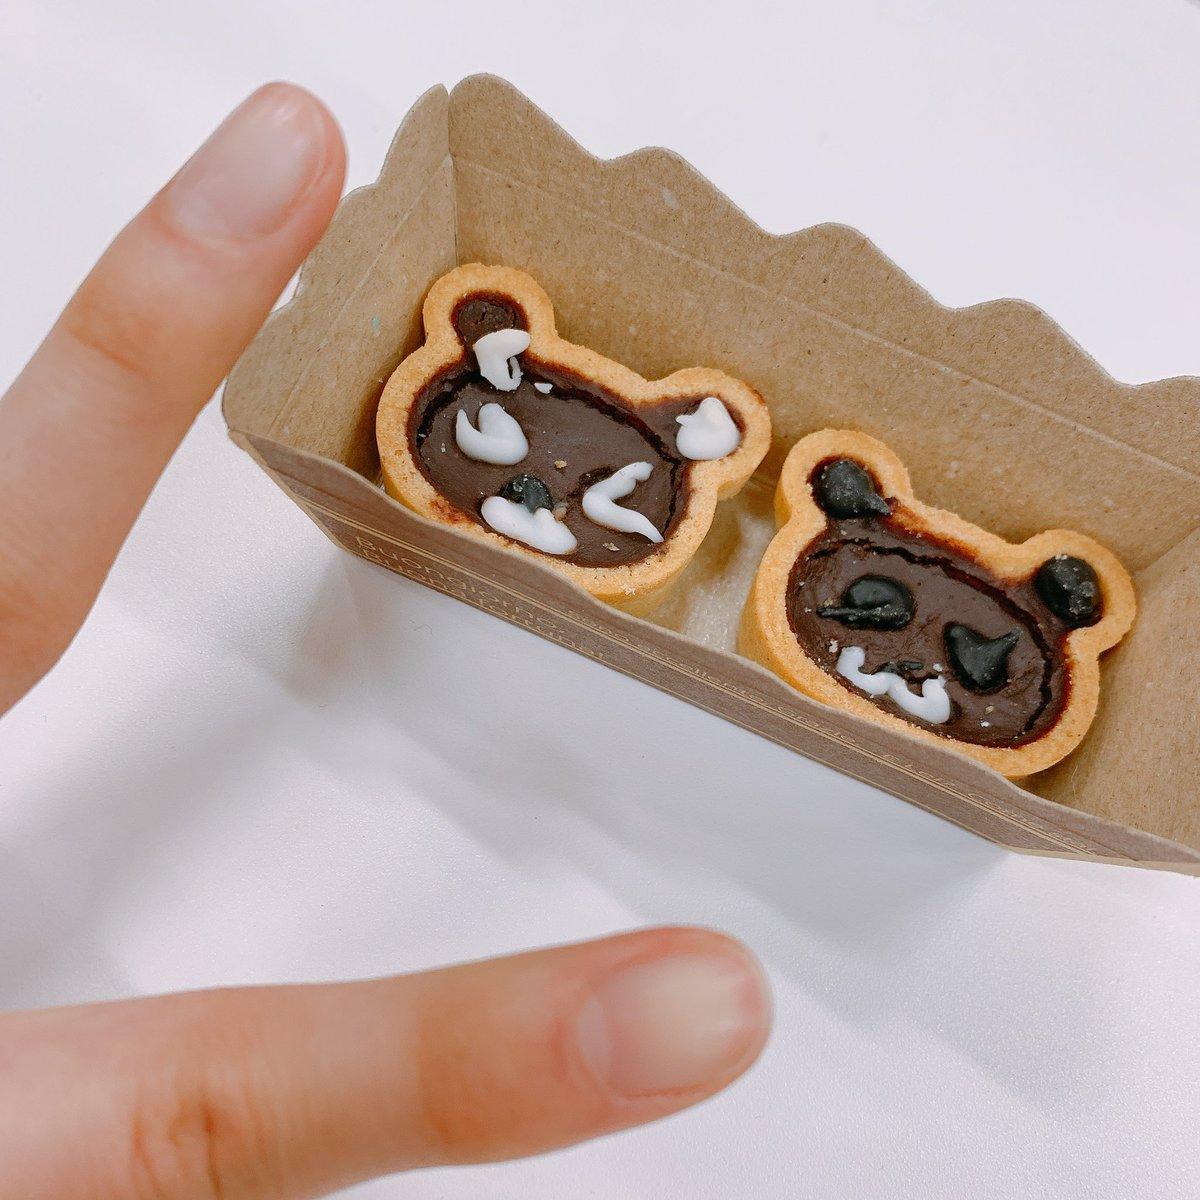 (🌟)そしてねそしてねみてー!さらに嬉しいことあったの!同じ事務所のみずなちゃん(@mizuna_Skawa )からチョコ頂いたの🍫ありがとうね〜◎#音泉女子高生